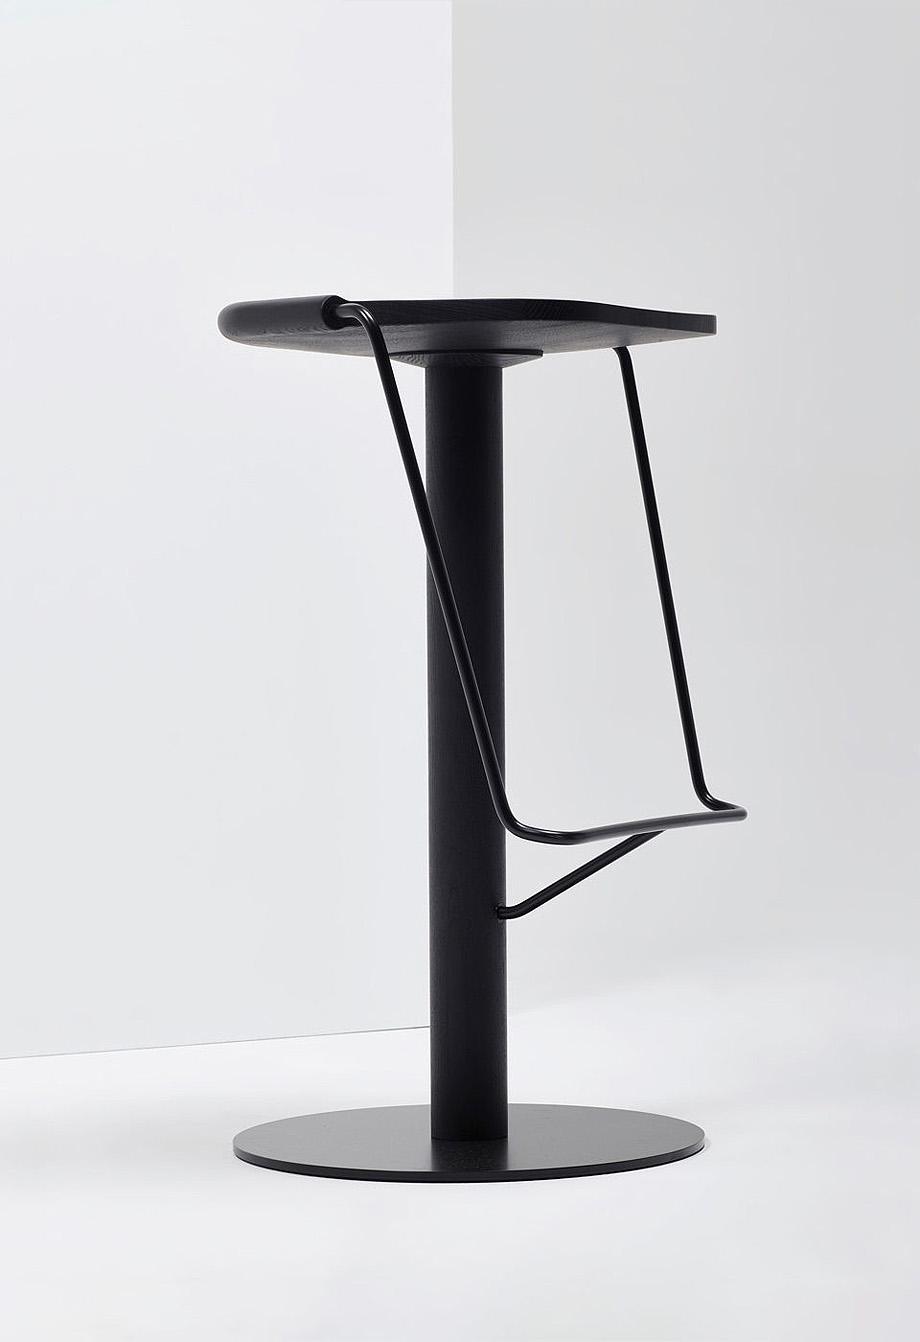 silla y taburete uncino de bouroullec y mattiazzi (8)